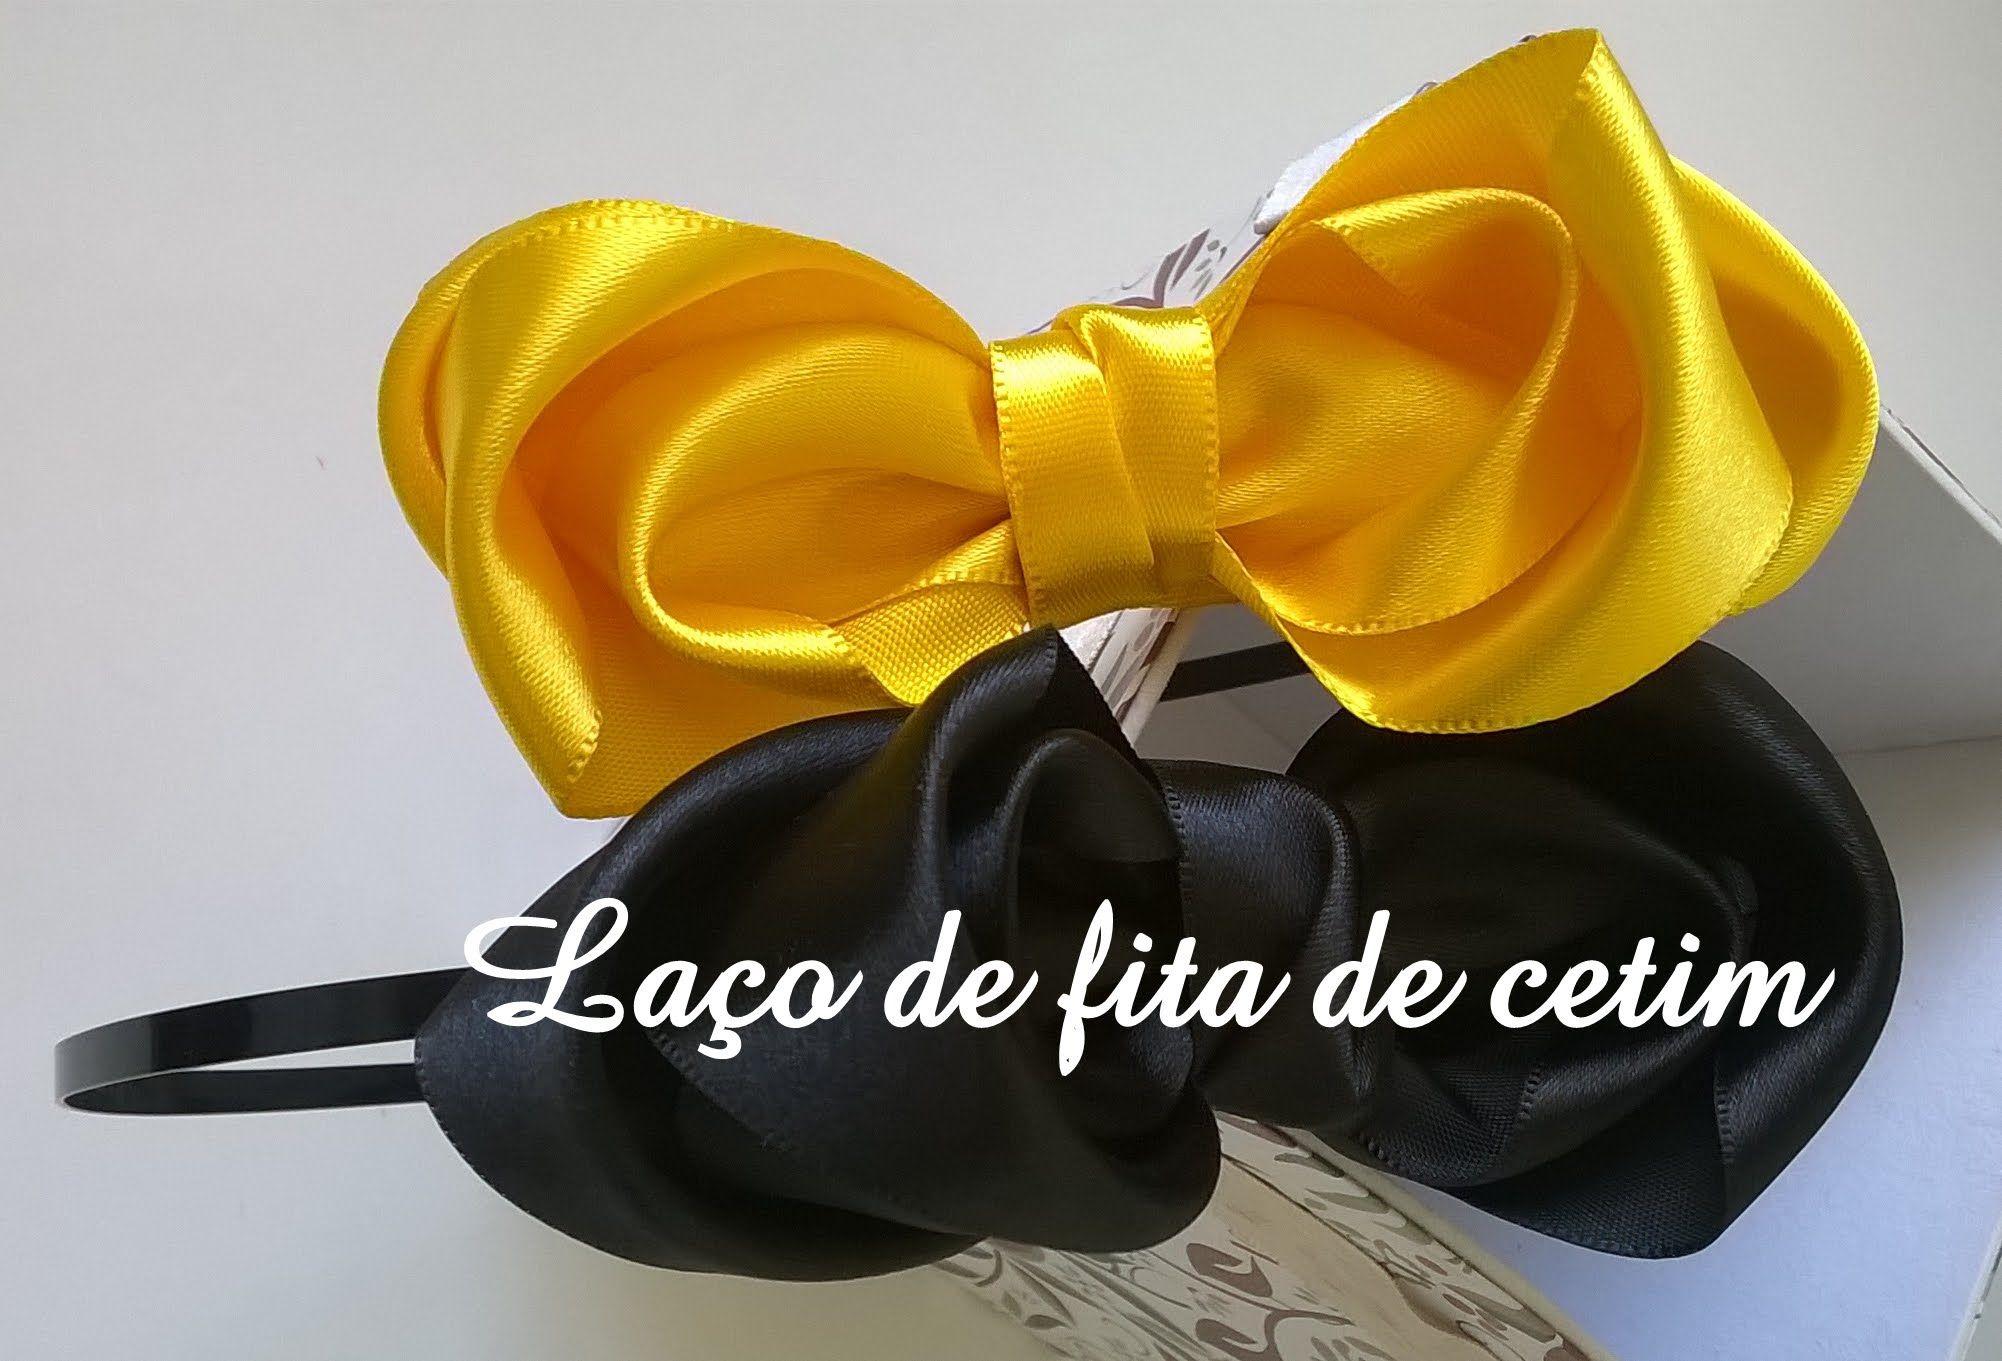 Tiara com laço de fita de cetim diy  Tiara with lace satin ribbon diy